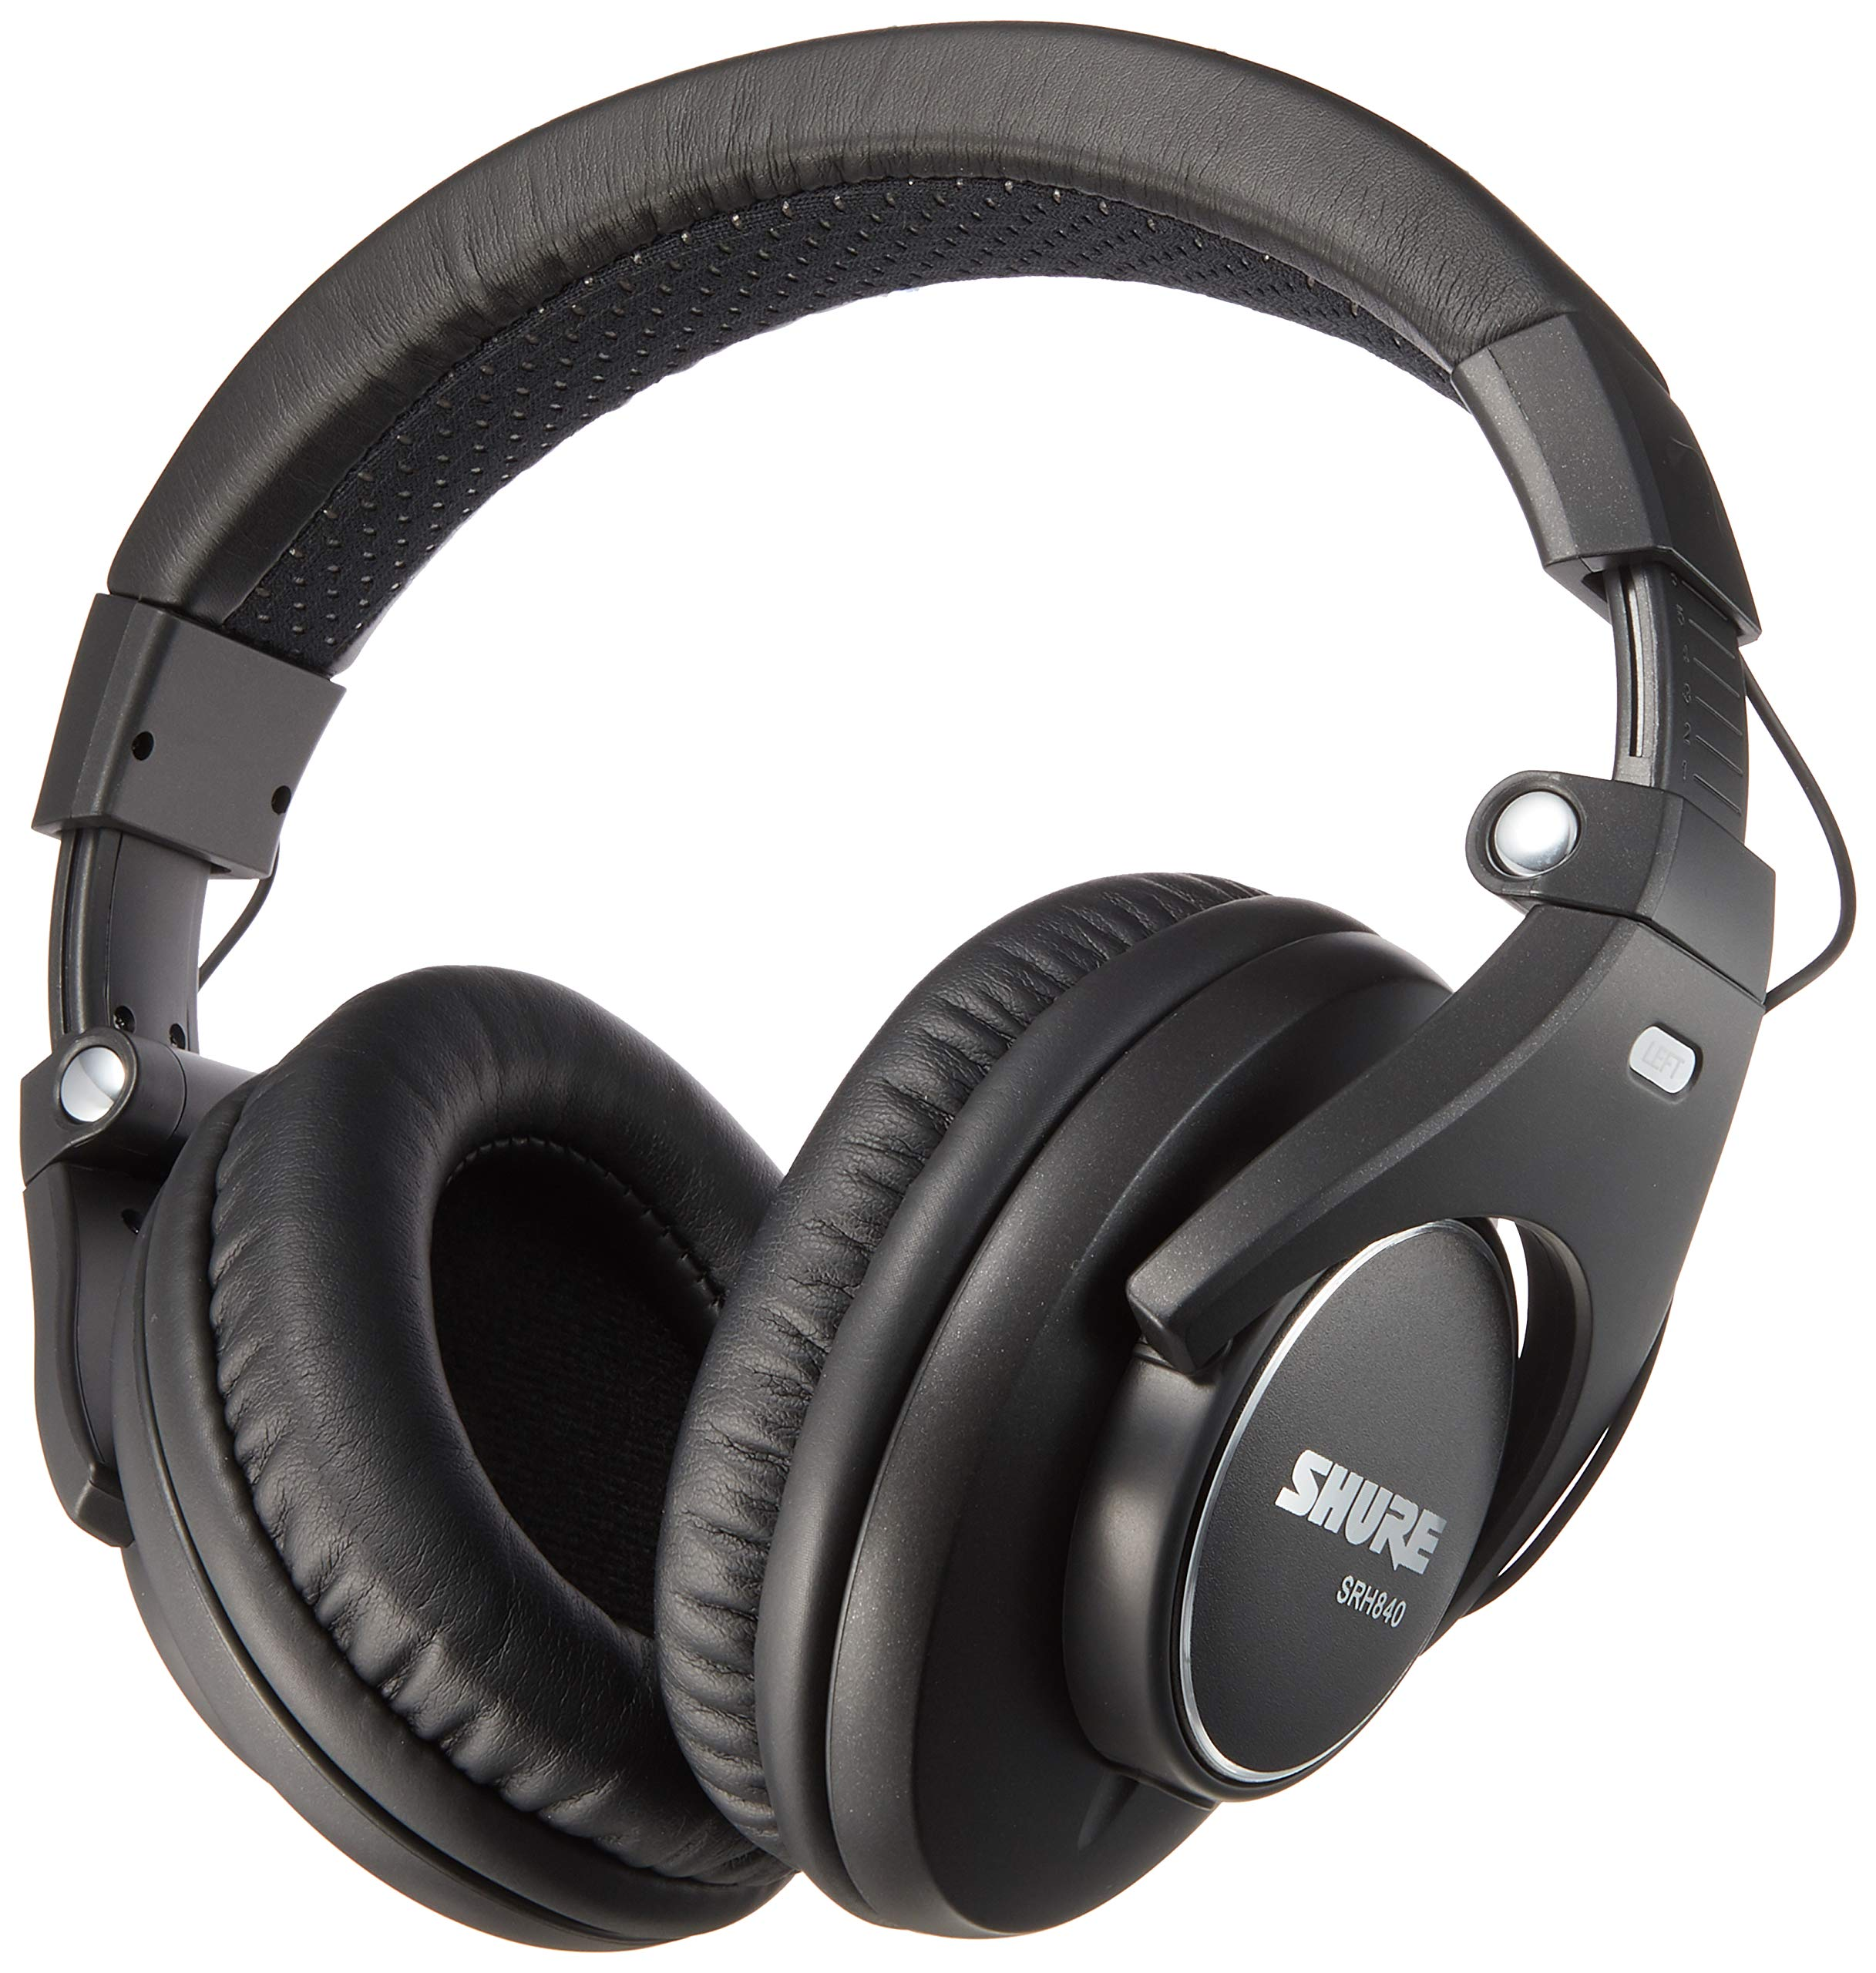 Shure SRH840-A Headphones(International Version)